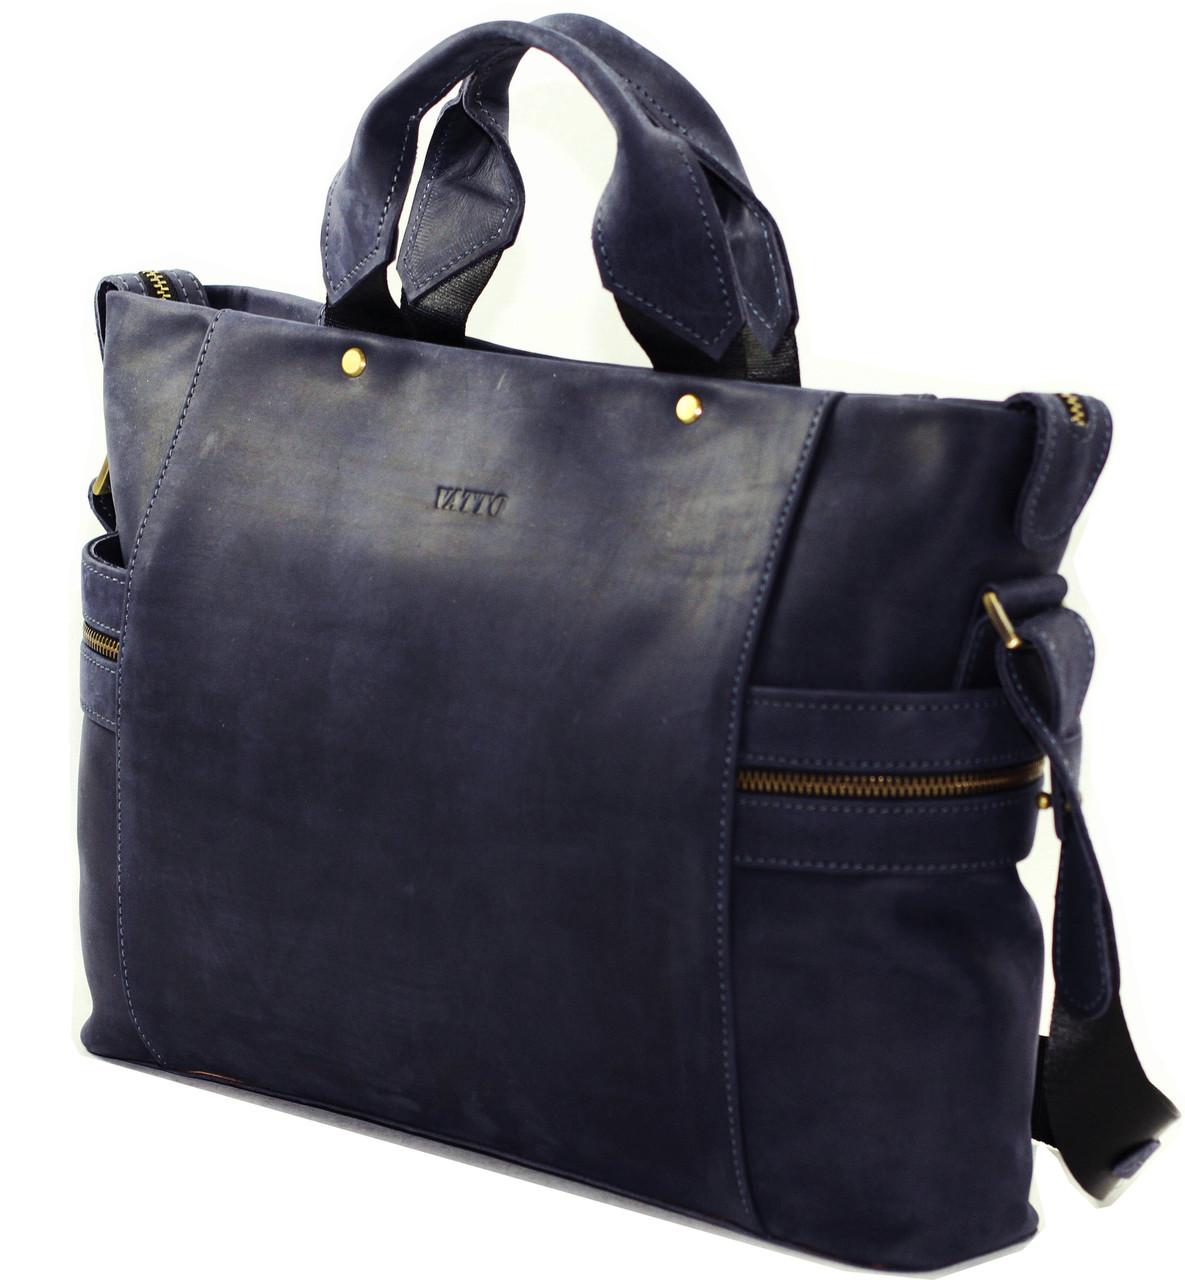 Мужская сумка VATTO Mk39.1 Kr600